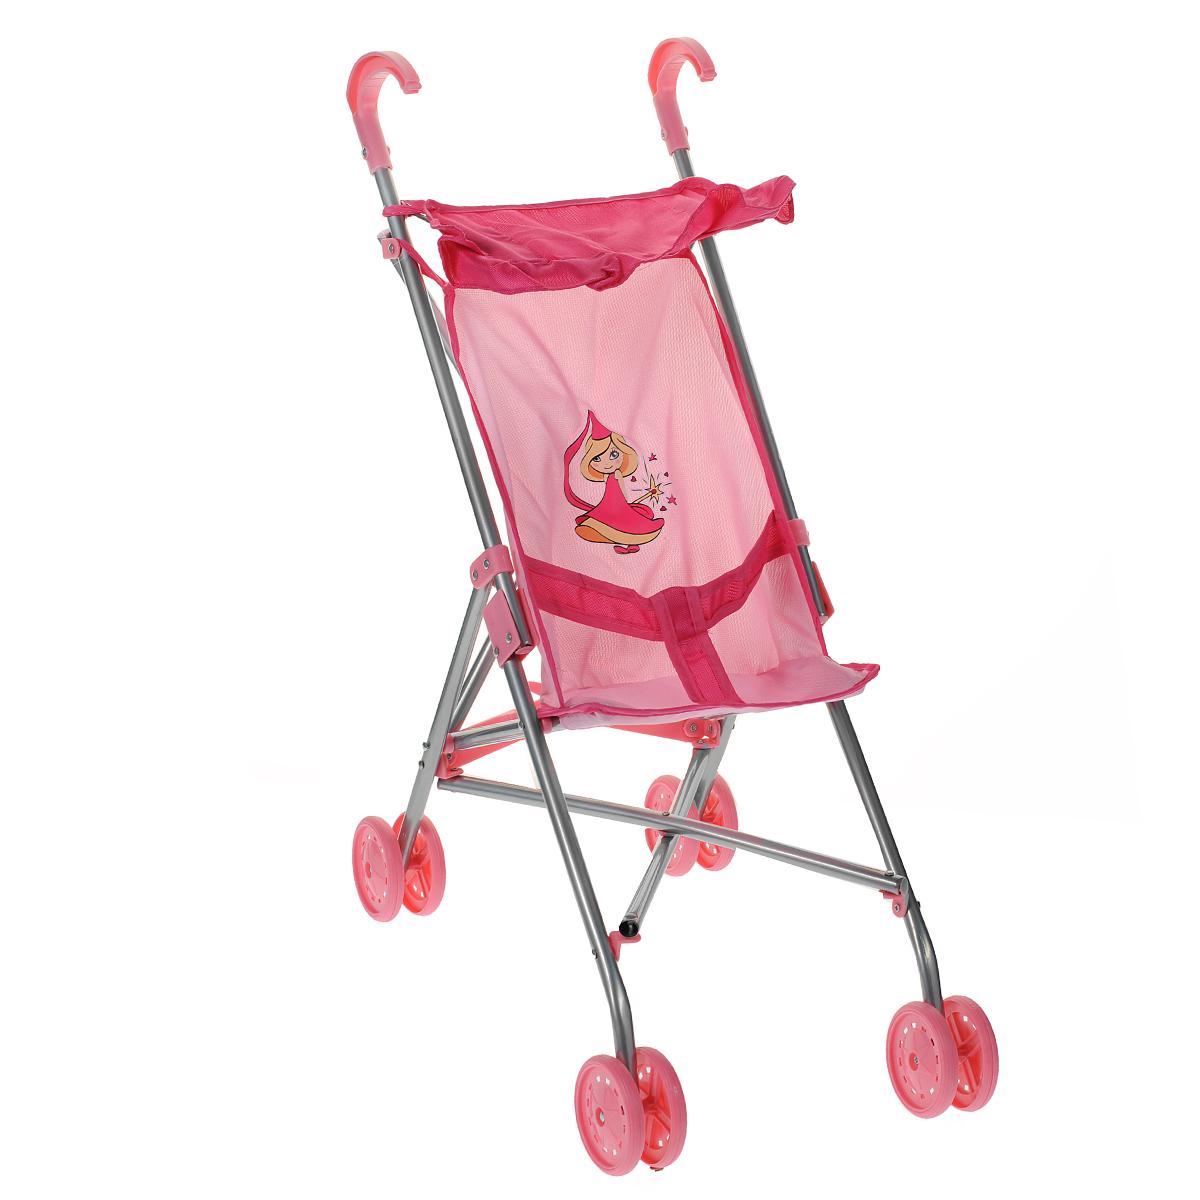 Коляска-трость прогулочная Mary Poppins Феечка, цвет: розовый67113Легкая складная коляска-трость для кукол Mary Poppins Феечка очень компактна, удобна в эксплуатации и комфортабельна. Каркас коляски выполнен из облегченного металла, элементы из ткани легко снимаются для стирки. На сиденье имеются специальные ремни, чтобы кукла не упала. Прогулочная коляска оснащена козырьком, двумя удобными ручками и маневренными колесами. Коляска-трость легко складывается, в сложенном виде занимает мало места, поэтому ее удобно хранить. Играть с коляской можно как в помещении, так и на улице, что несомненно порадует вашу малышку, ведь теперь свою любимую куклу она сможет брать с собой на прогулки! Игрушка предназначена для сюжетно-ролевых игр, способствующих развитию фантазии, формированию эмоциональной отзывчивости и социализации ребенка.